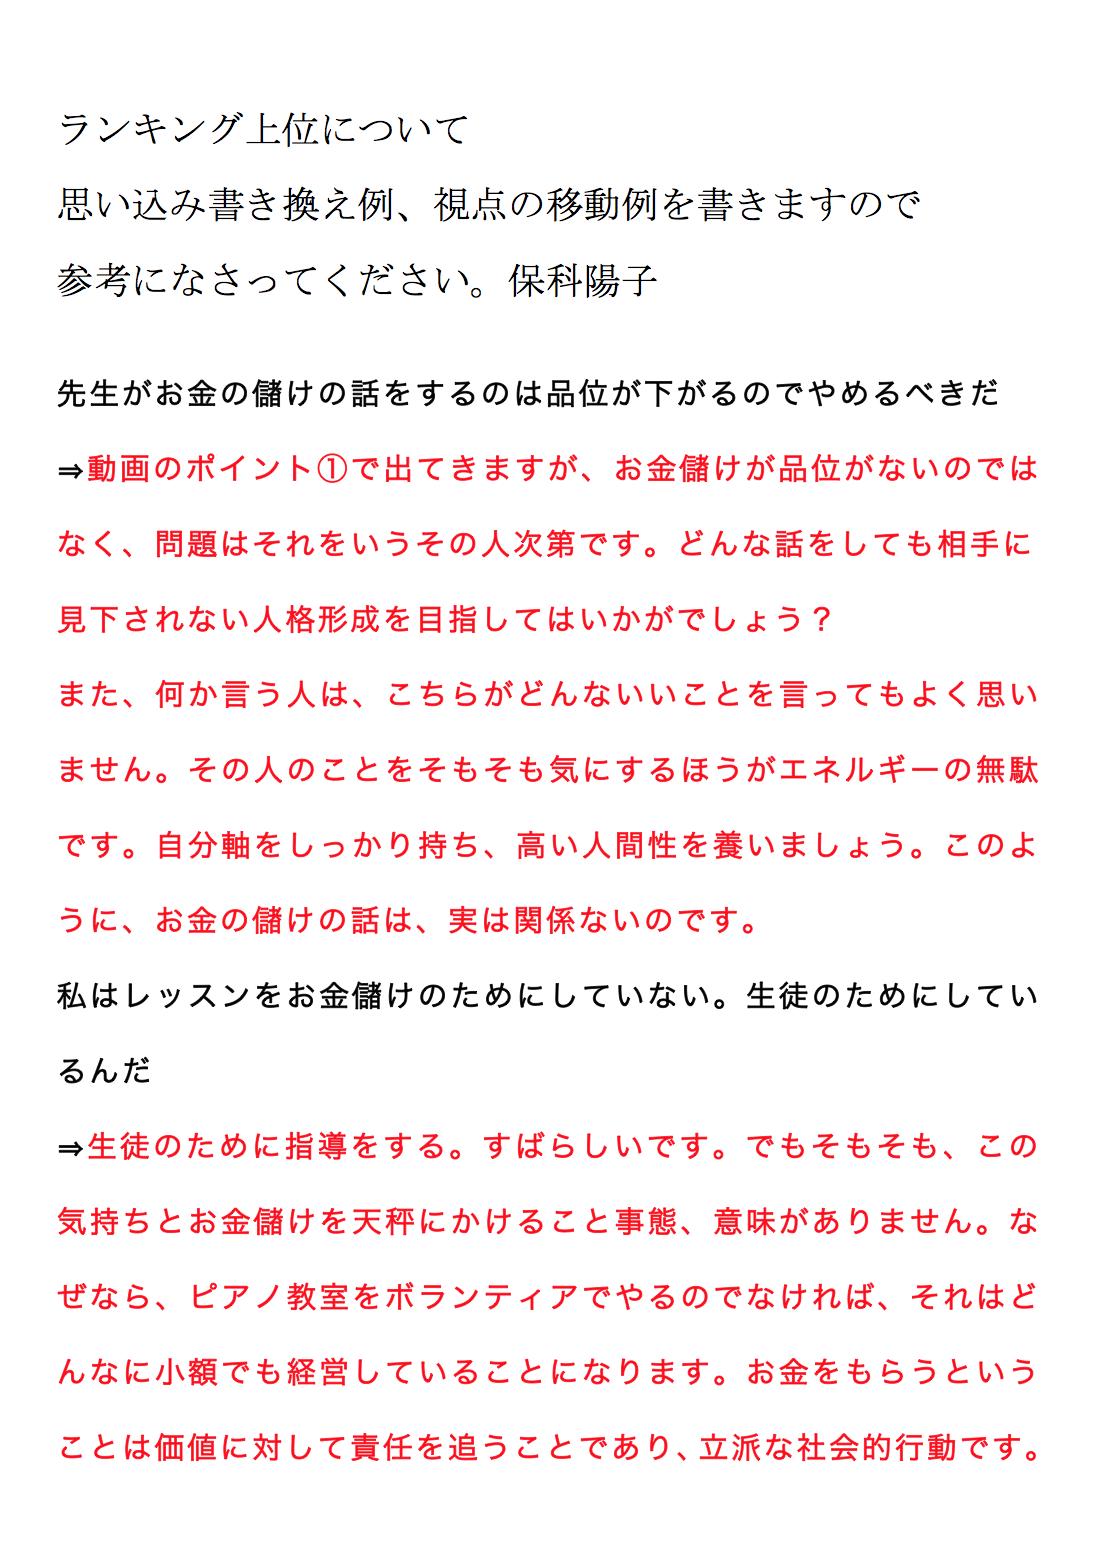 スクリーンショット 2015-11-17 0.22.47